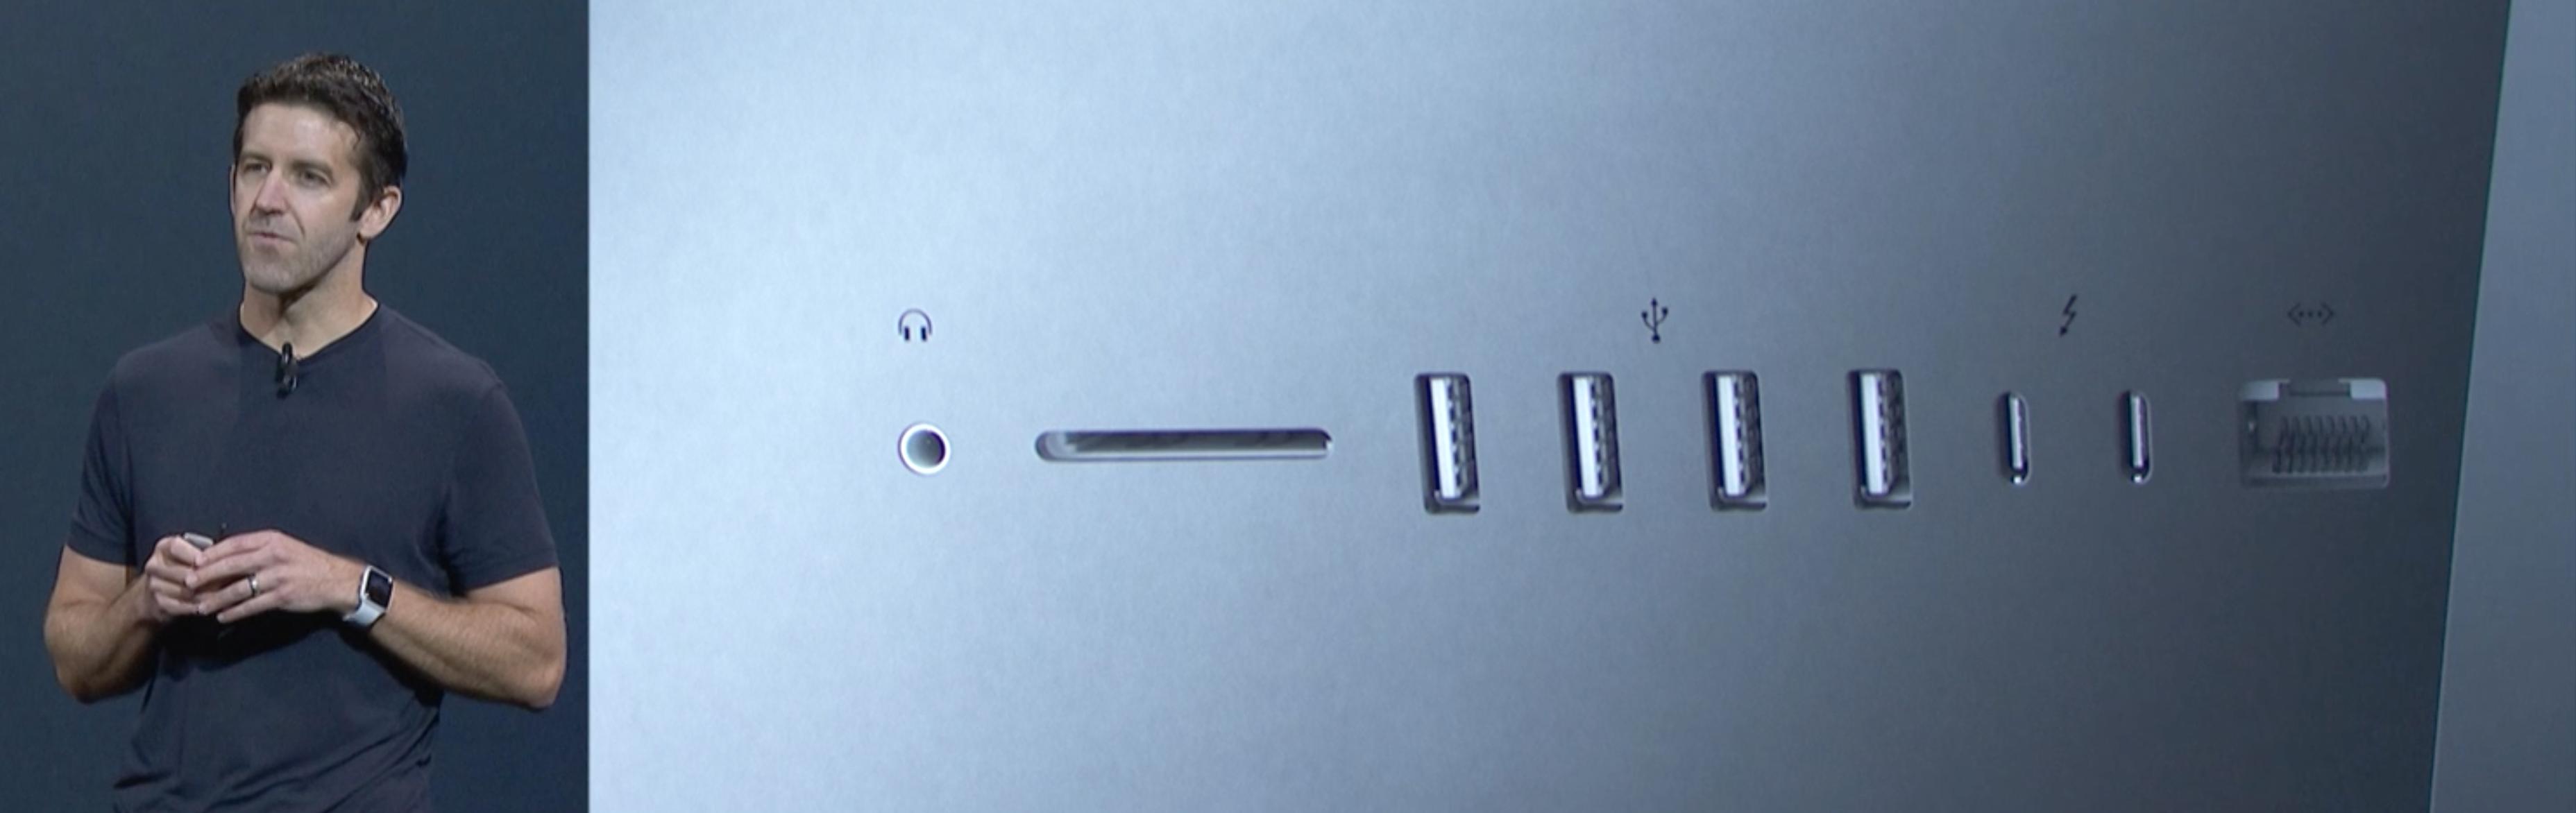 Nå får du to USB Type-C-porter bak.